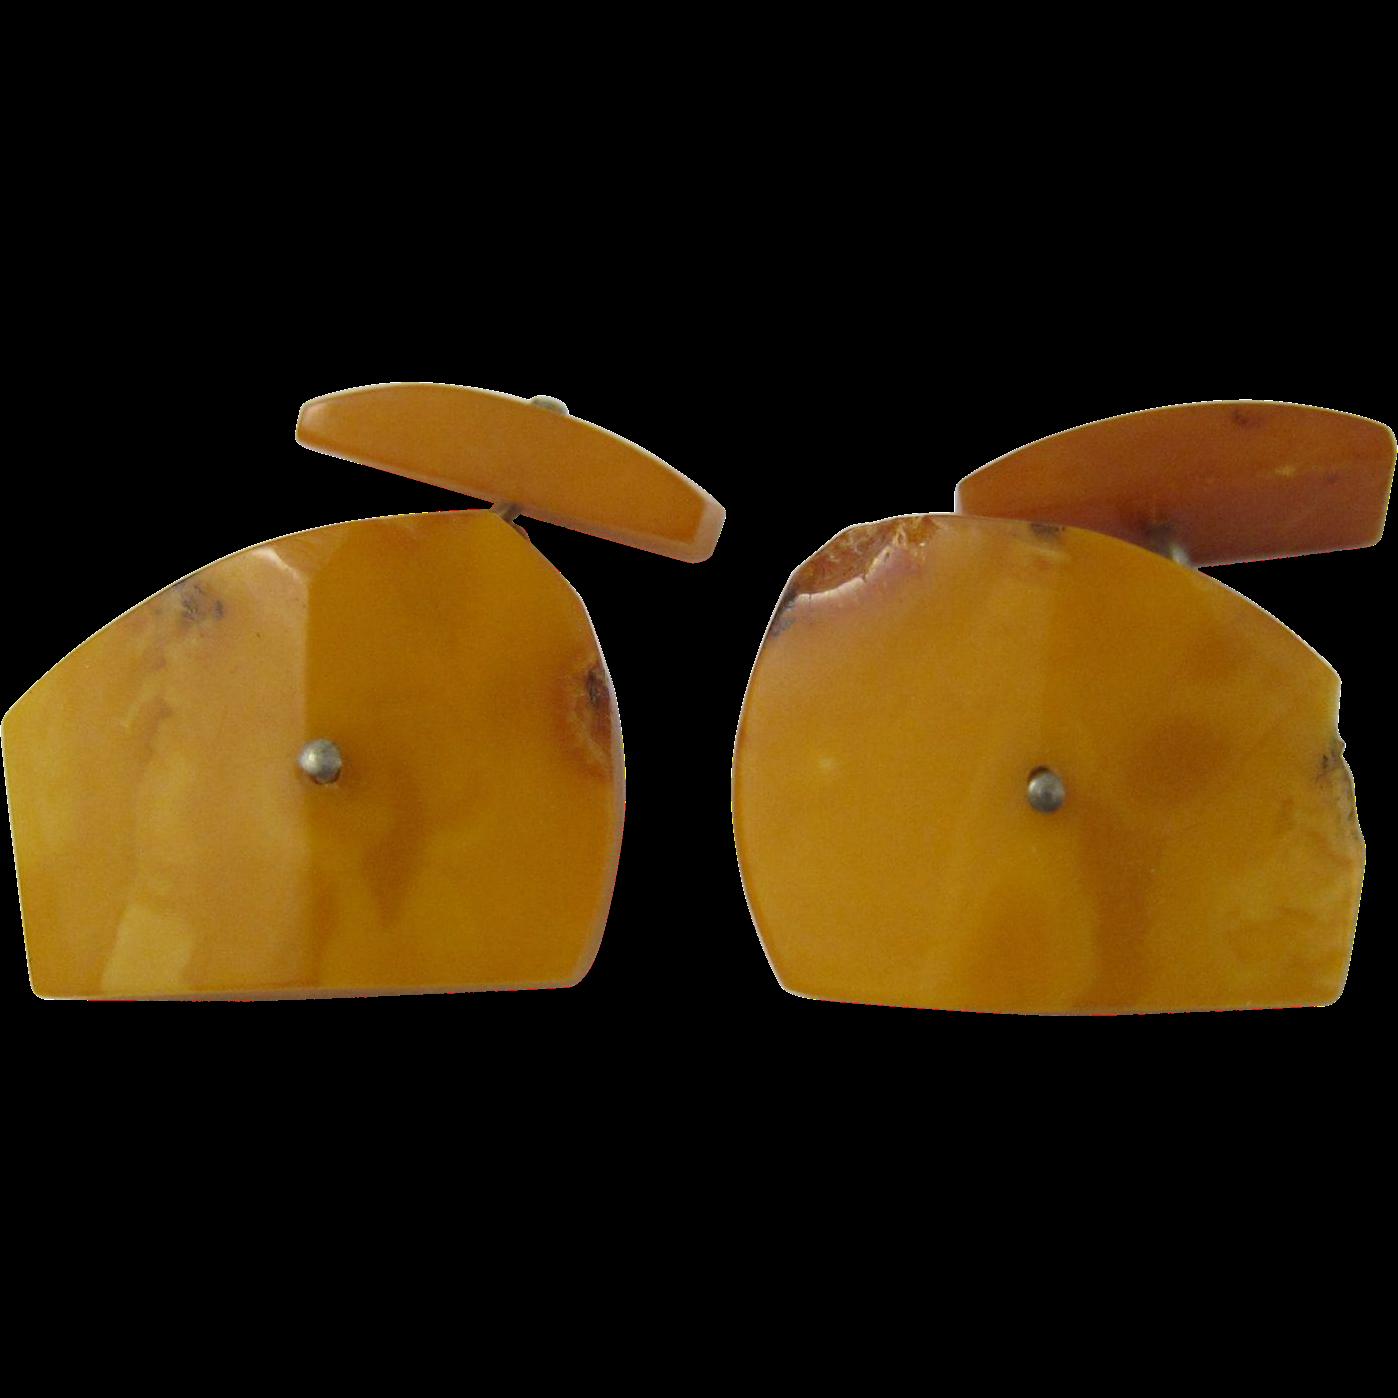 Vintage Egg Yolk / Butterscotch Baltic Amber Cufflinks Cuff Links